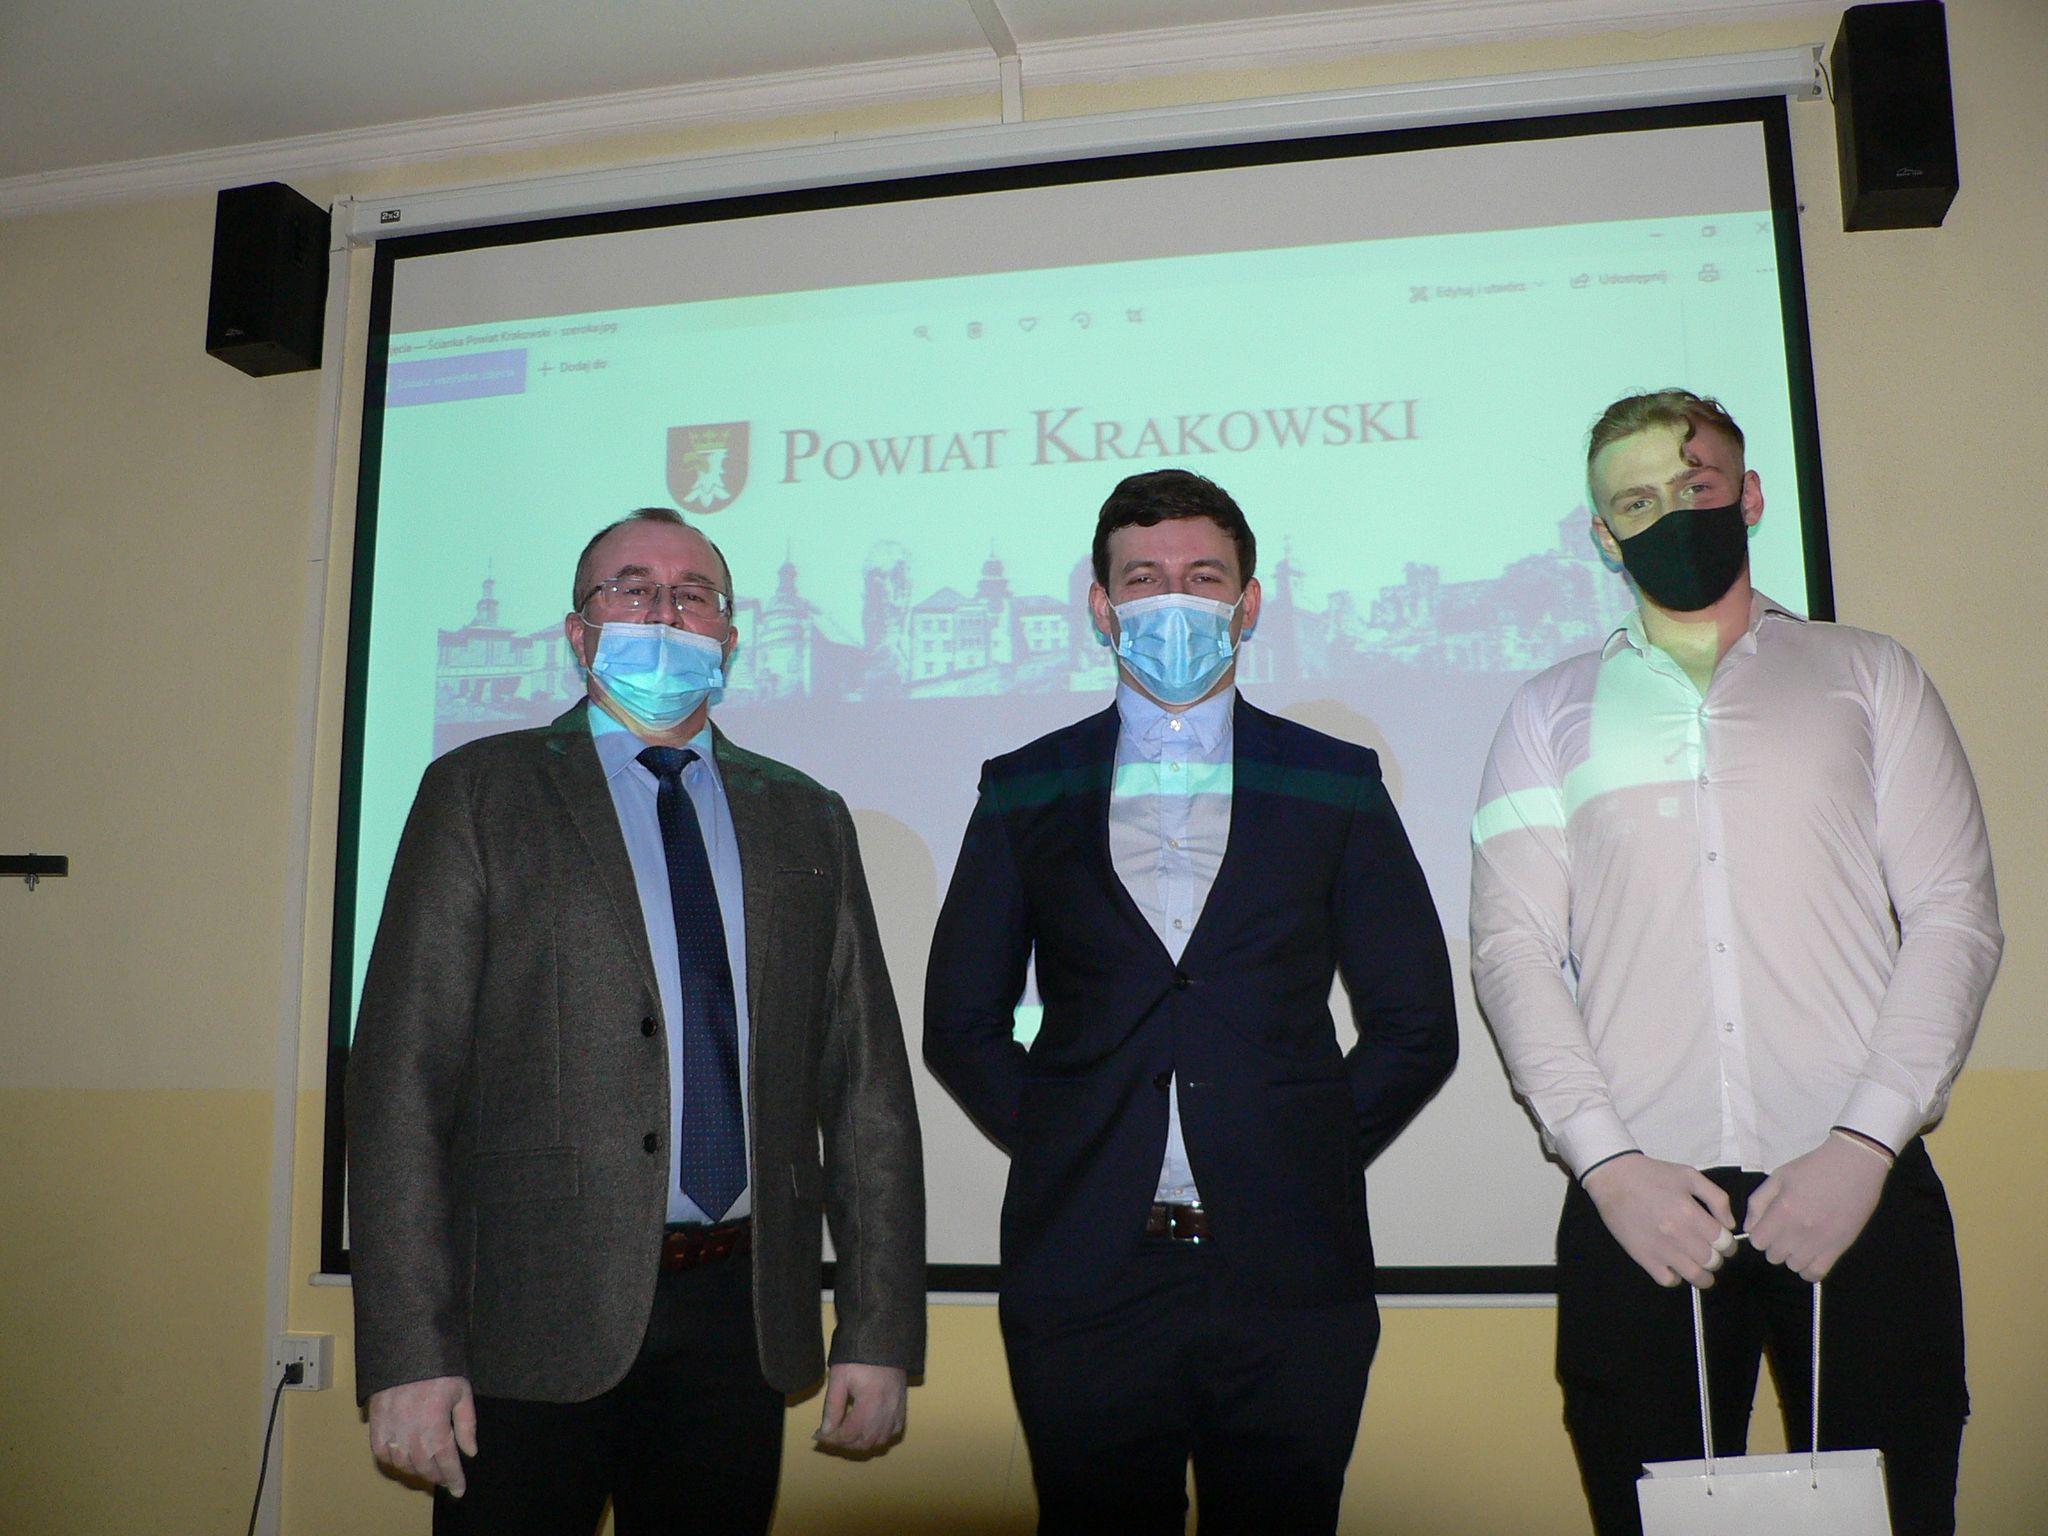 """Trzy osoby stoją przed tablicą z napisem 'POWIAT KRAKOWSKI""""."""